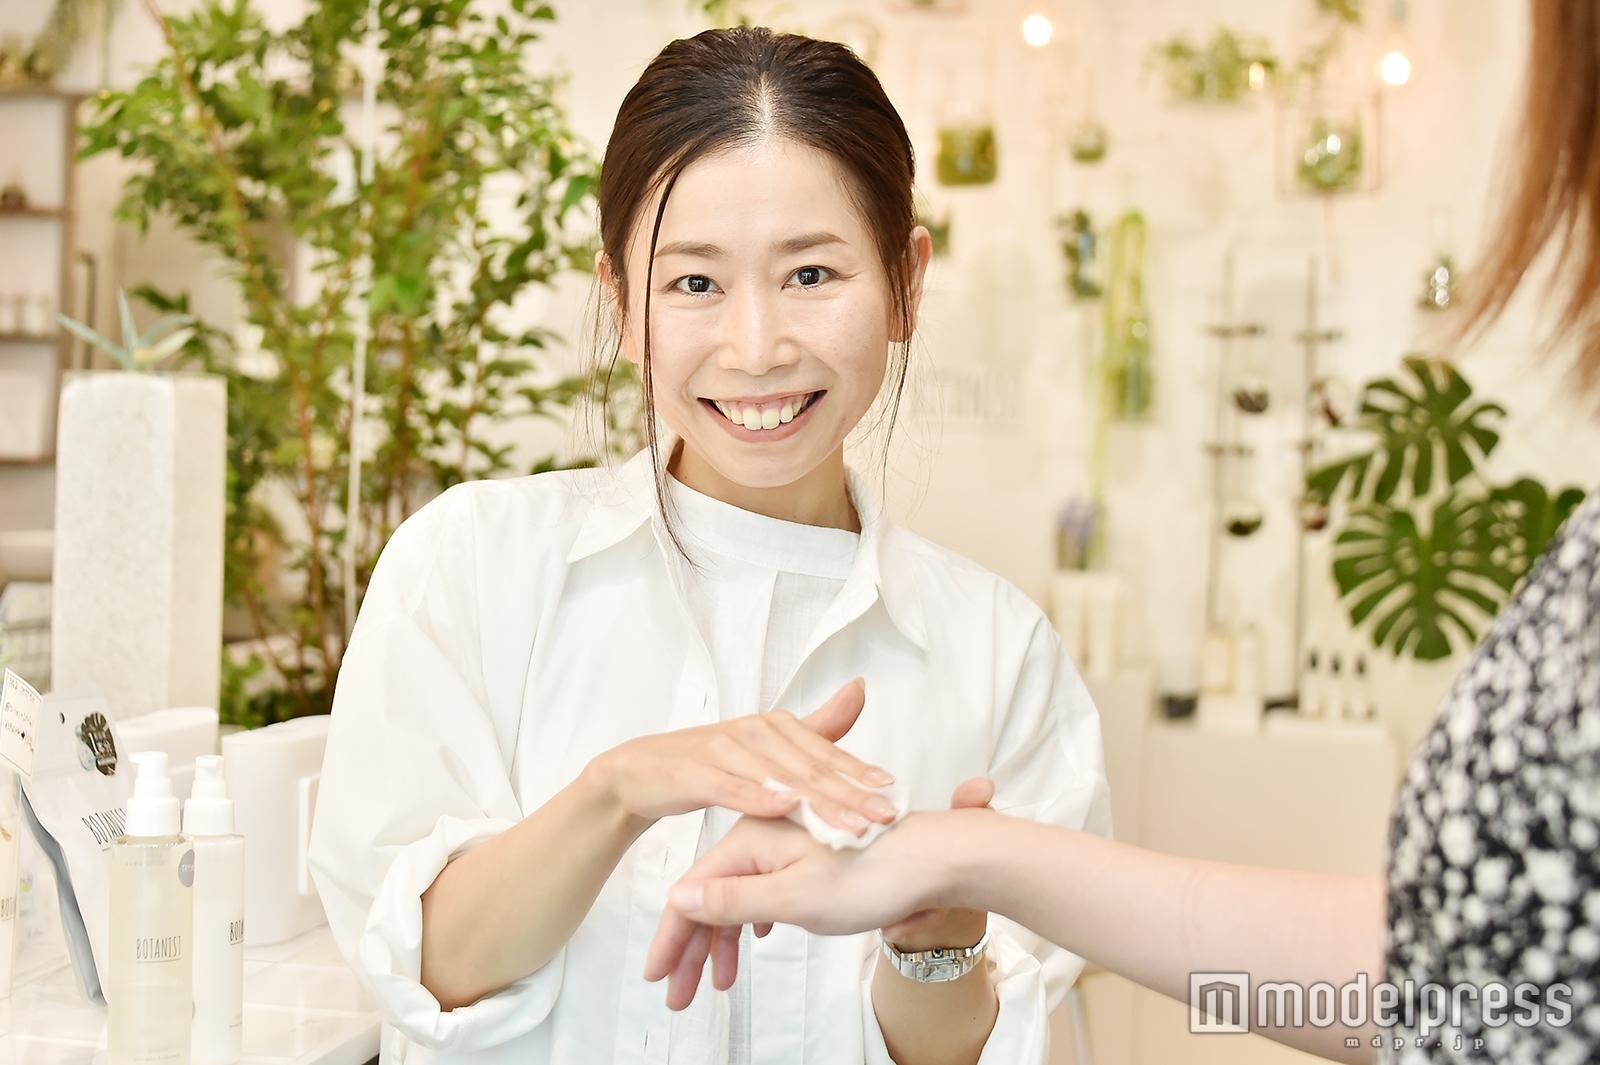 モデルプレスのインタビューに応じた飯沼奈皇さん(C)モデルプレス